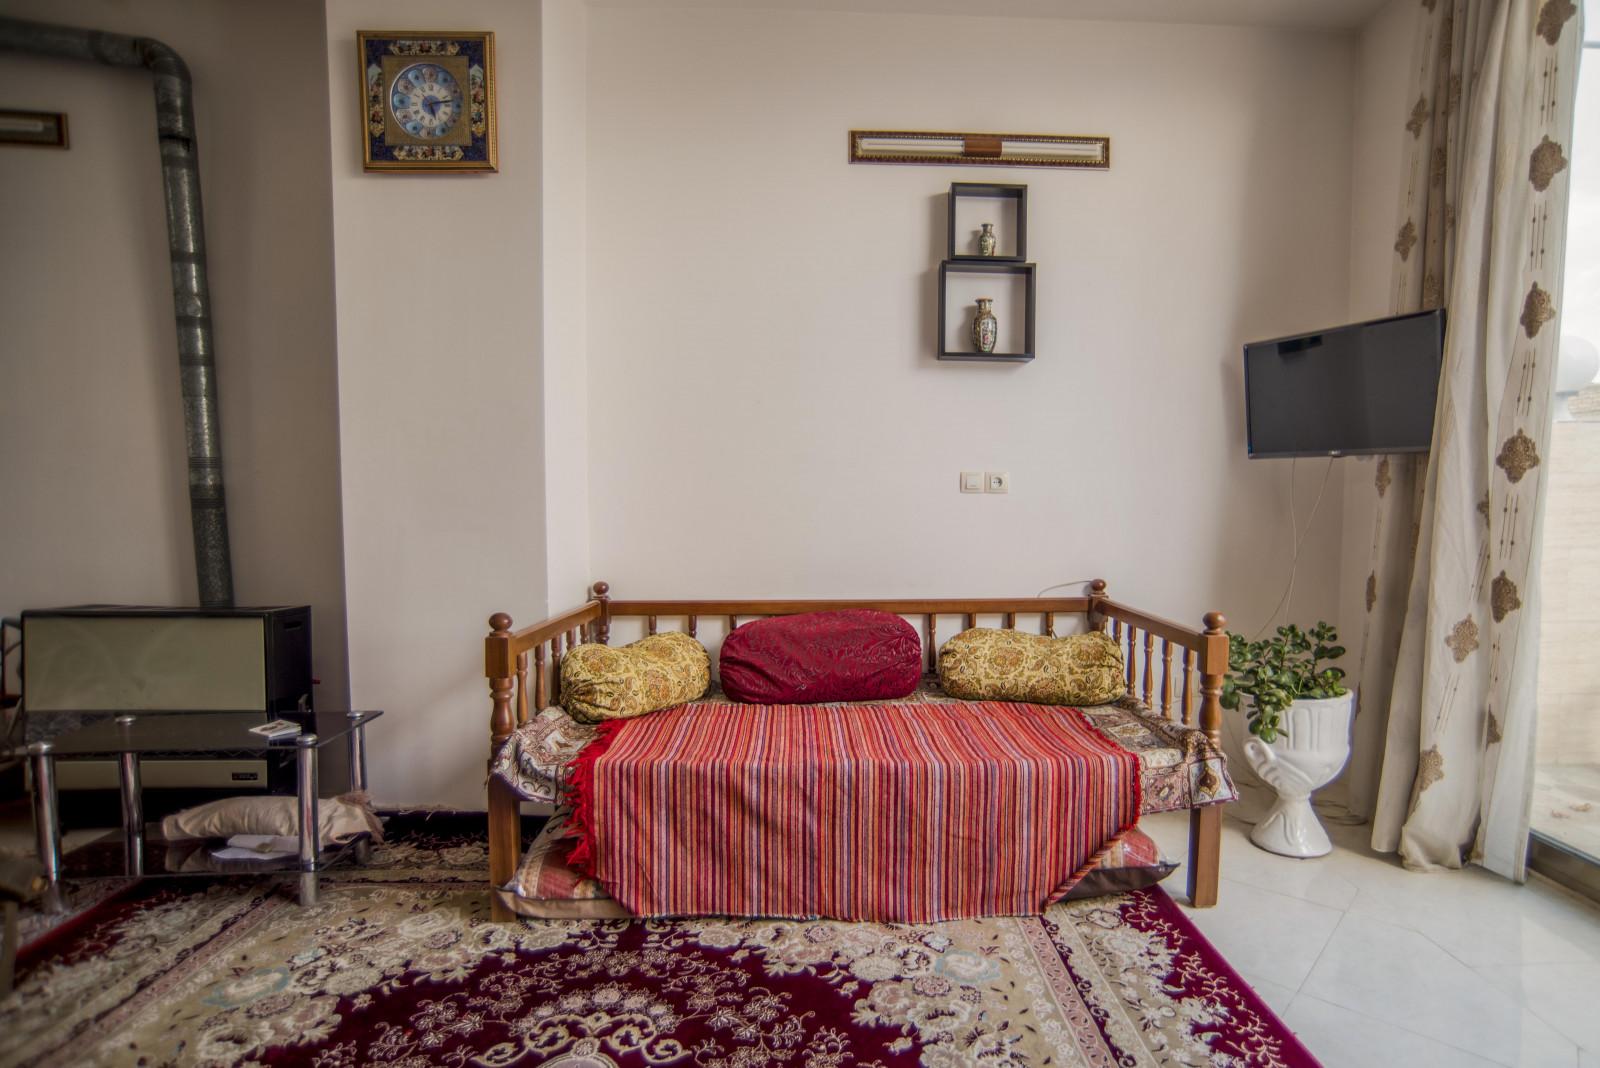 townee سوئیت مبله در جابر انصاری اصفهان